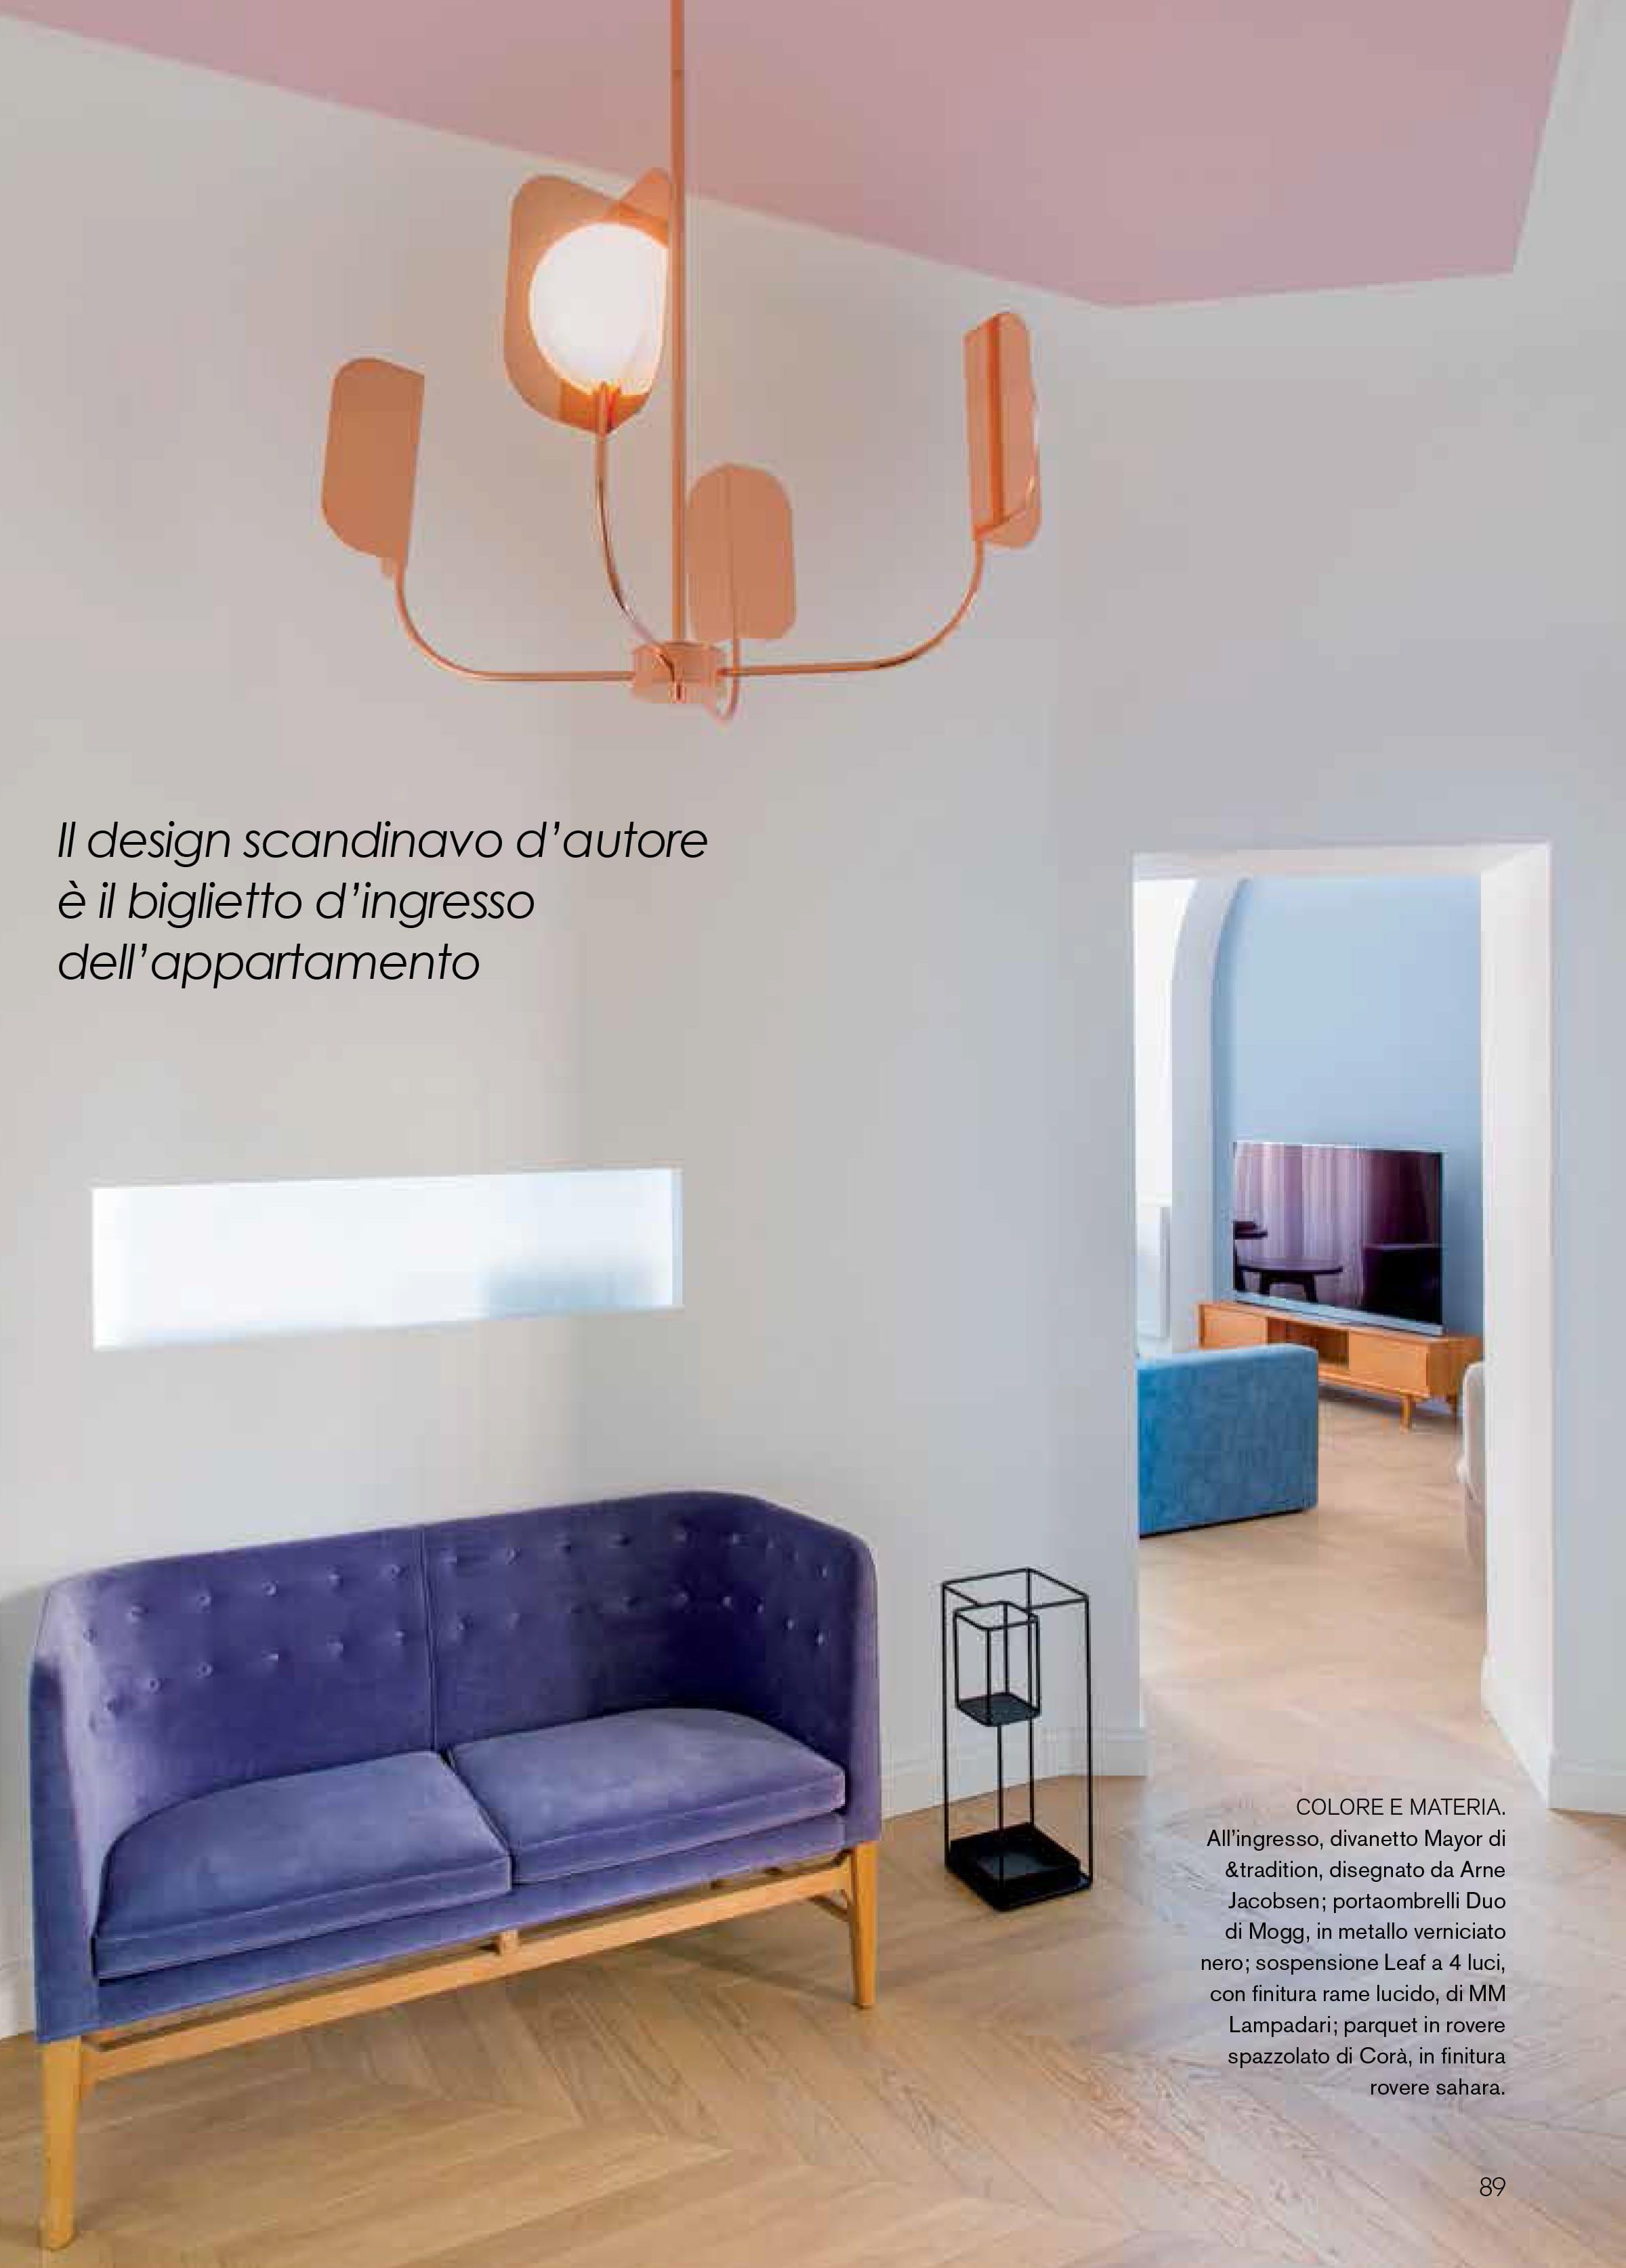 Case E Stili Design leaf on case design stili magazine - mm lampadari